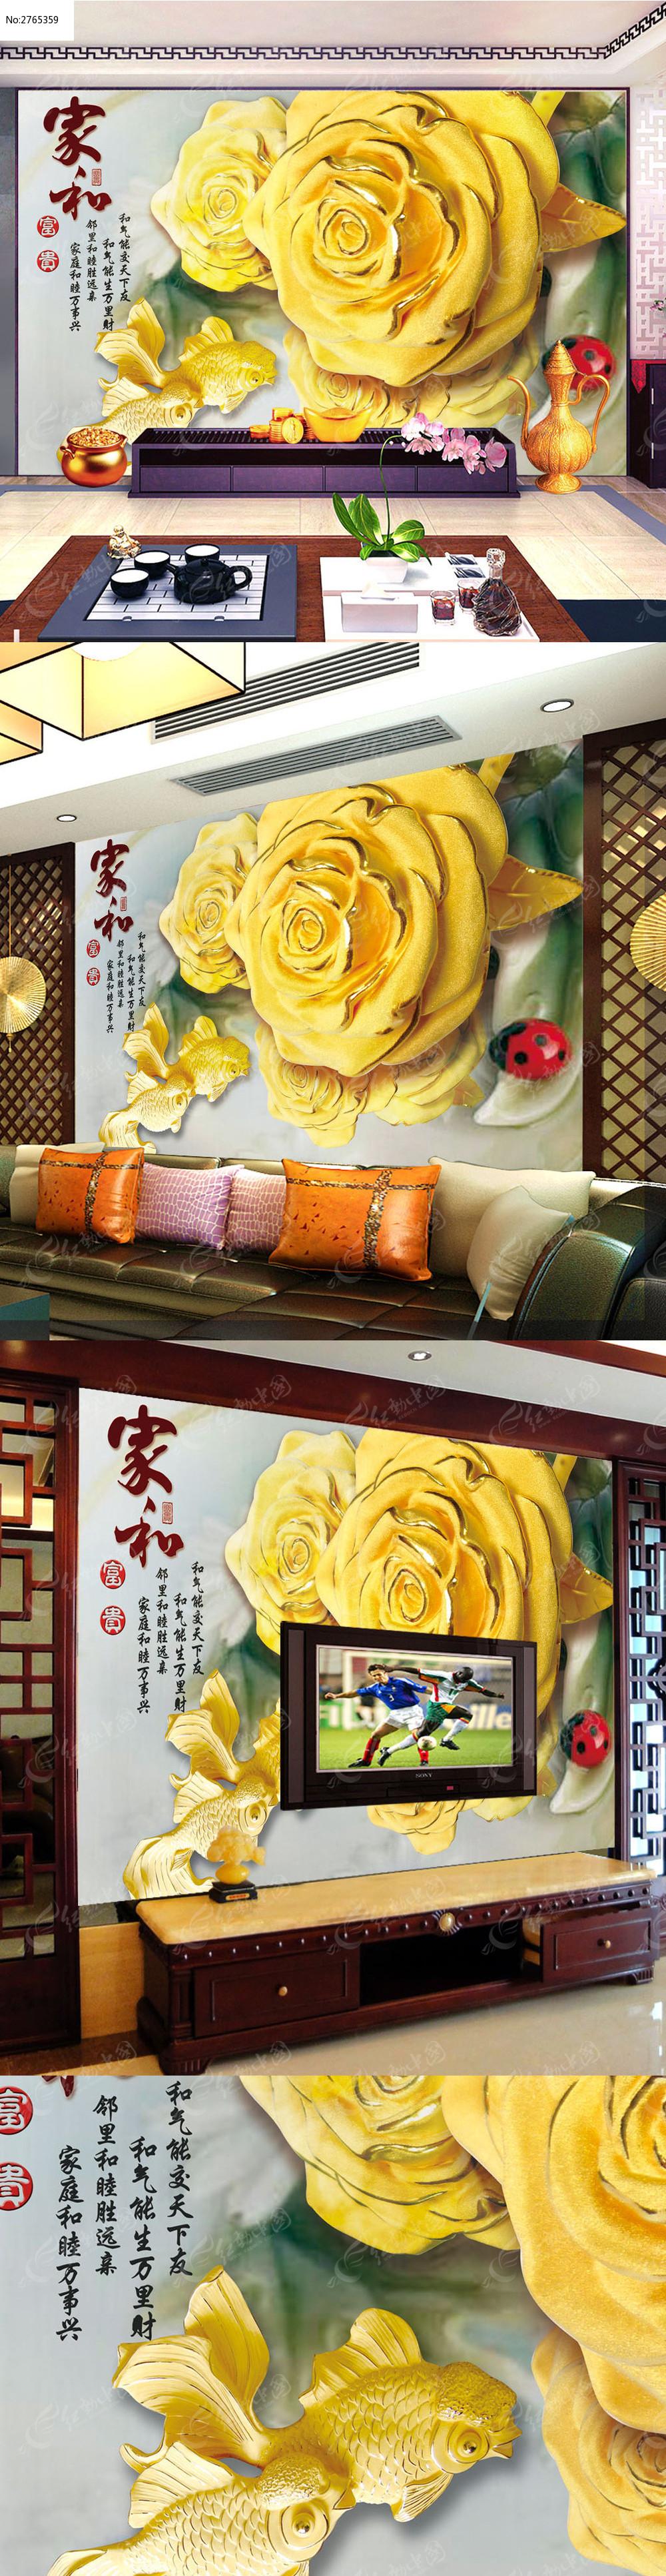 家和华丽玫瑰3D电视背景墙图片